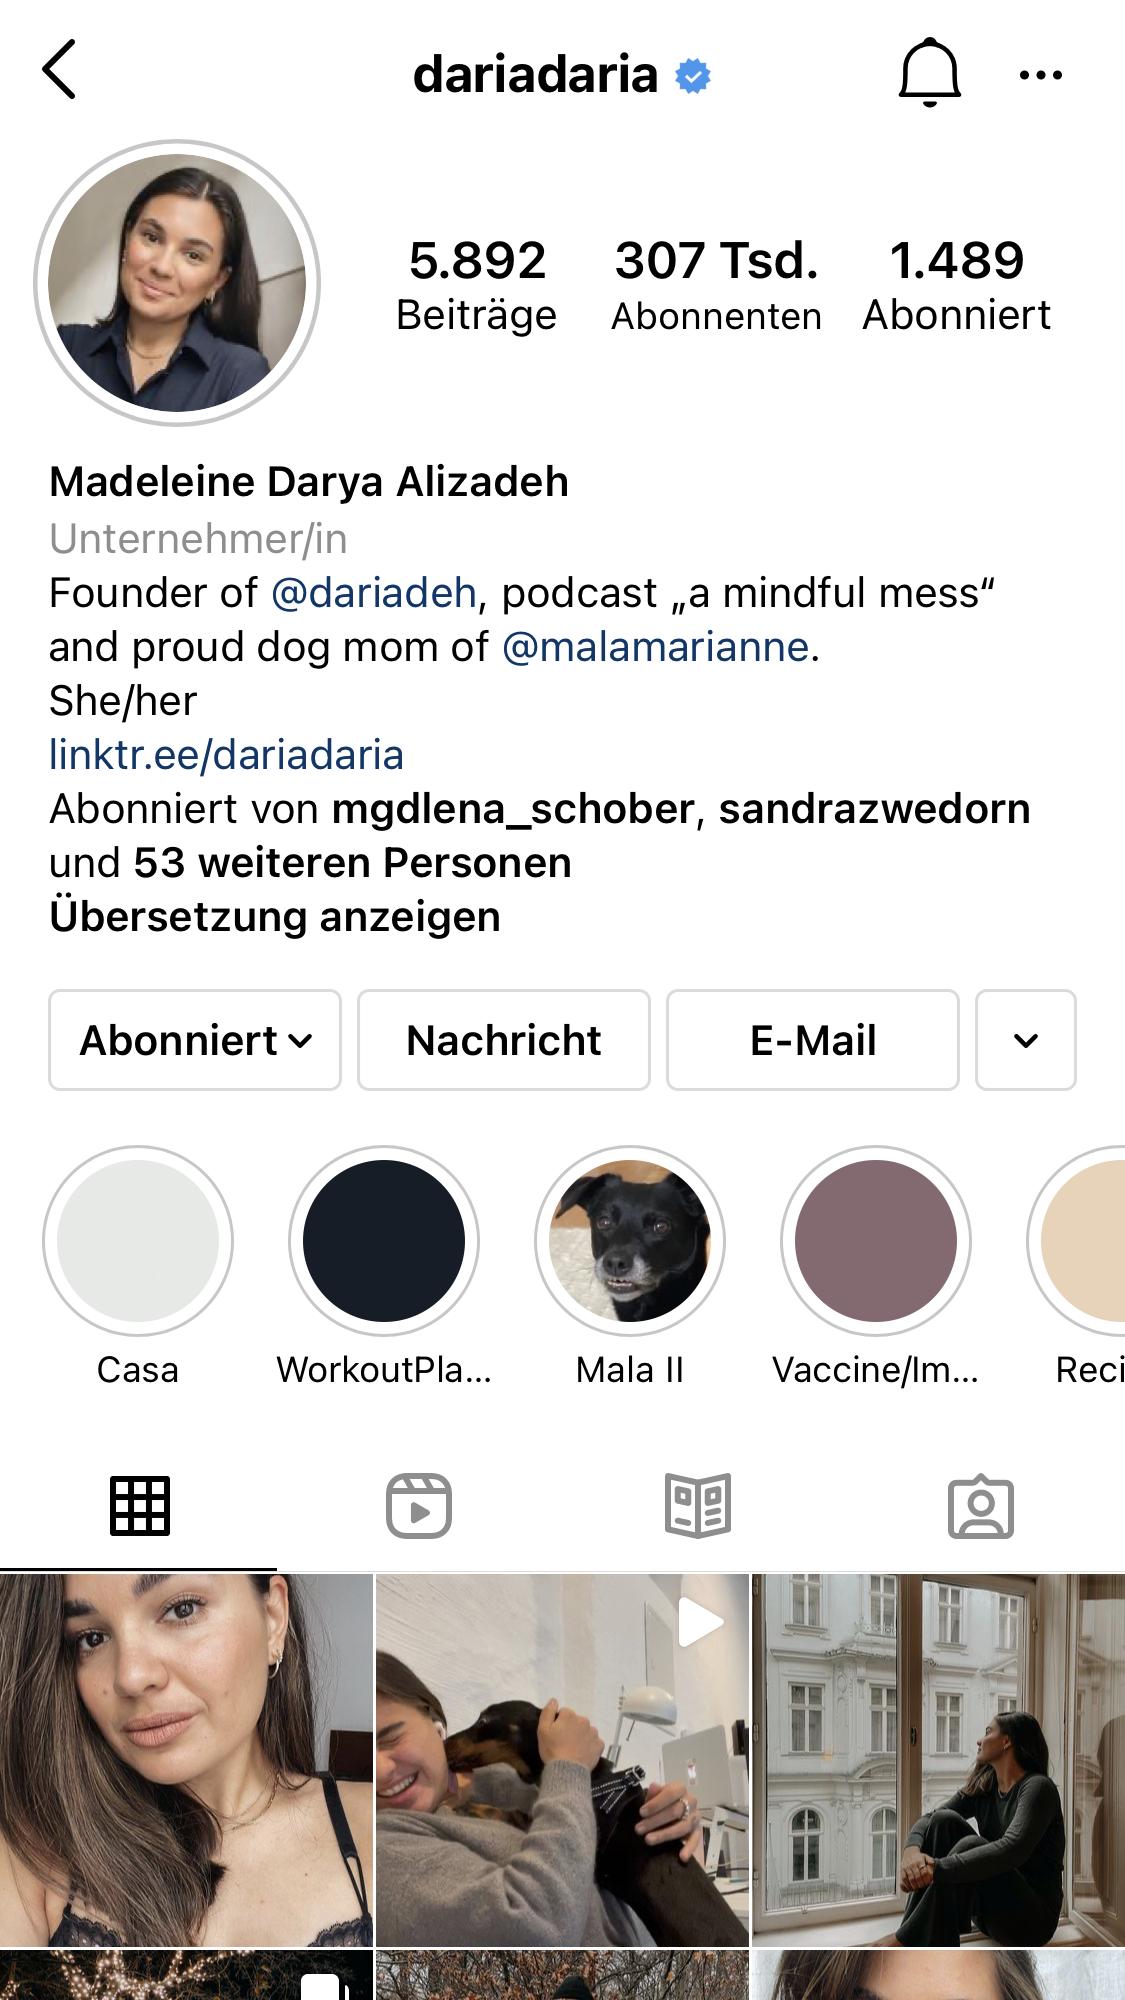 DariaDaria Instagram Account Screenshot